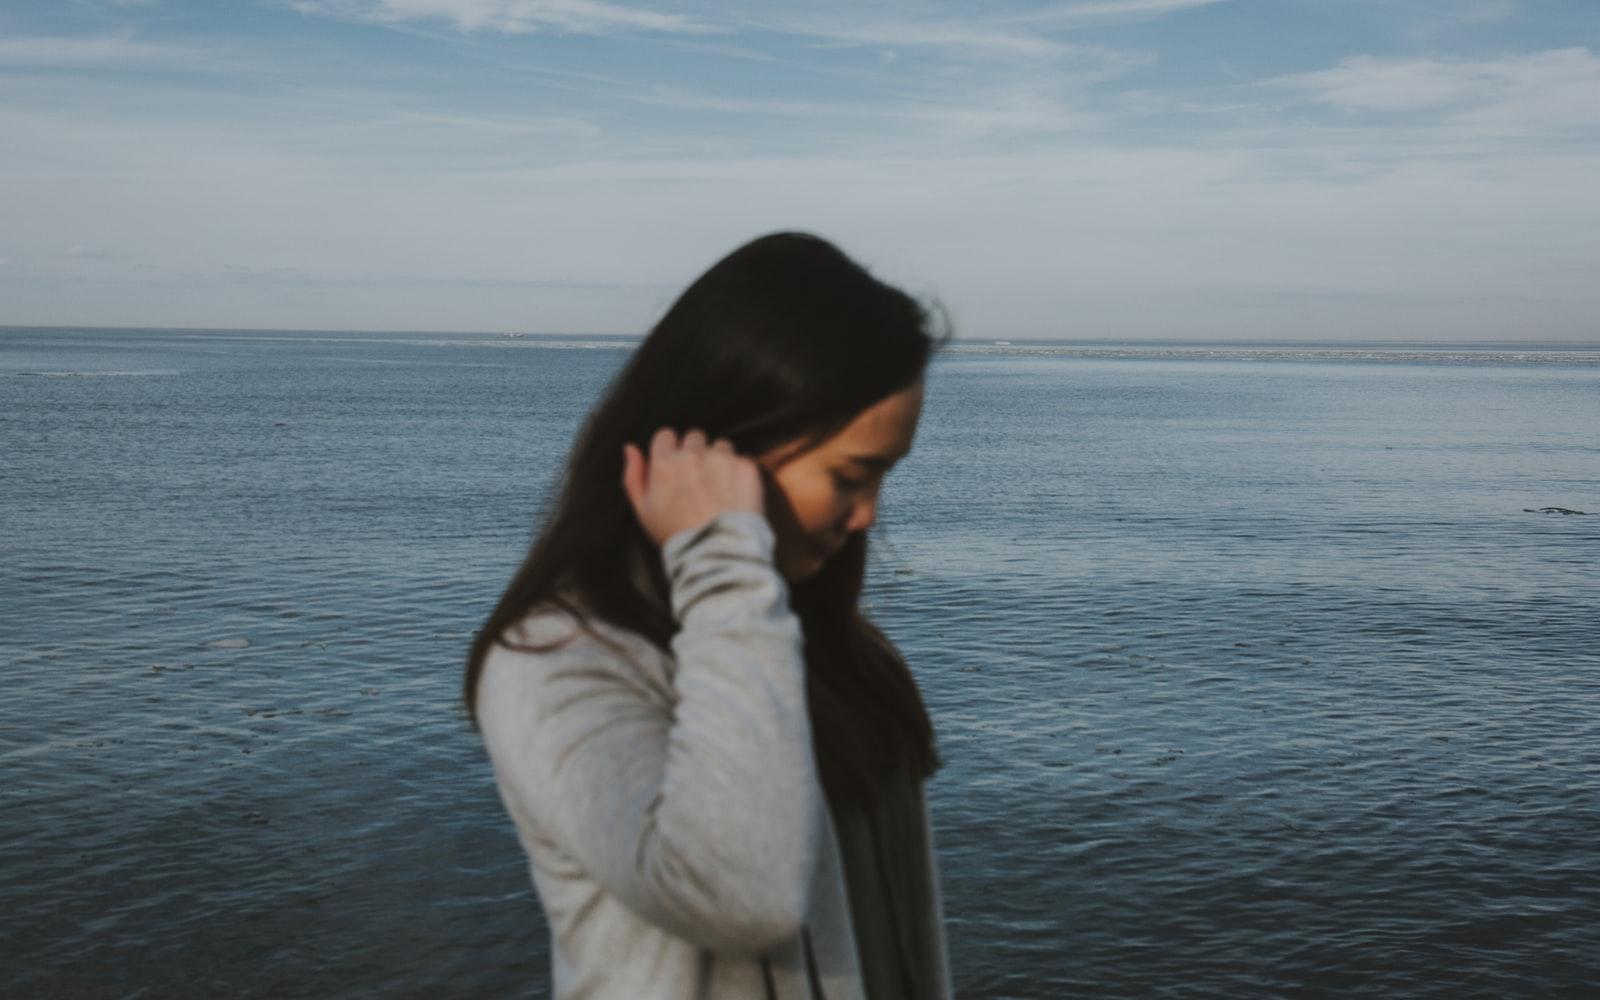 Đàn bà muôn đời yếu đuối, muôn đời sợ cô đơn. Ảnh minh hoạ